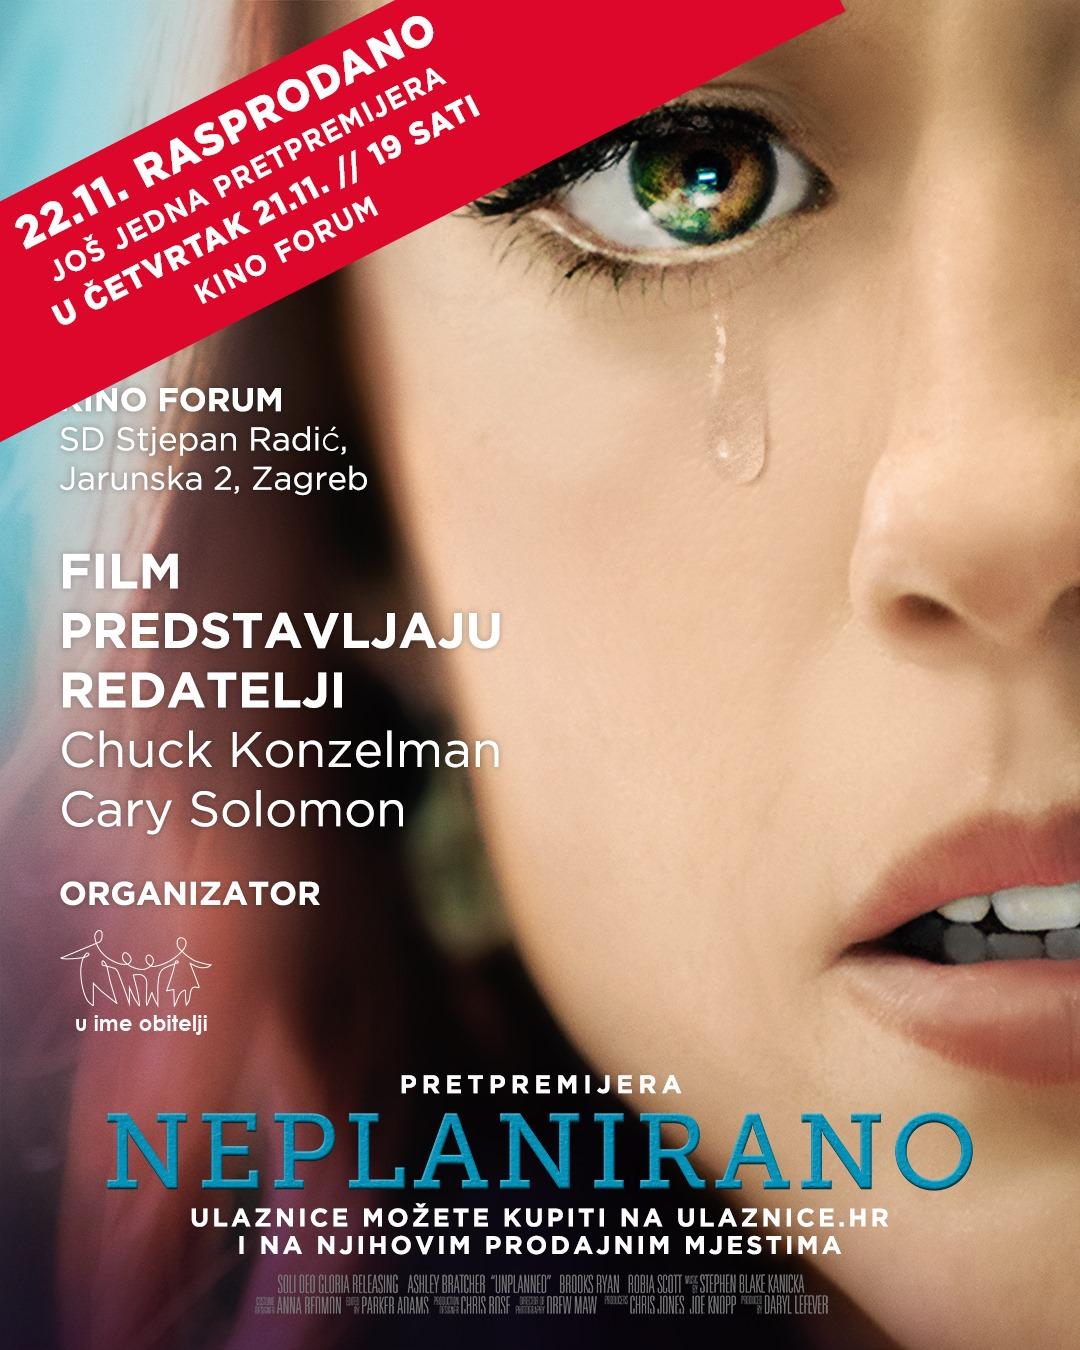 (VIDEO) Prva pretpremijera hit filma 'Neplanirano' rasprodana, još jedna u četvrtak 21.11.